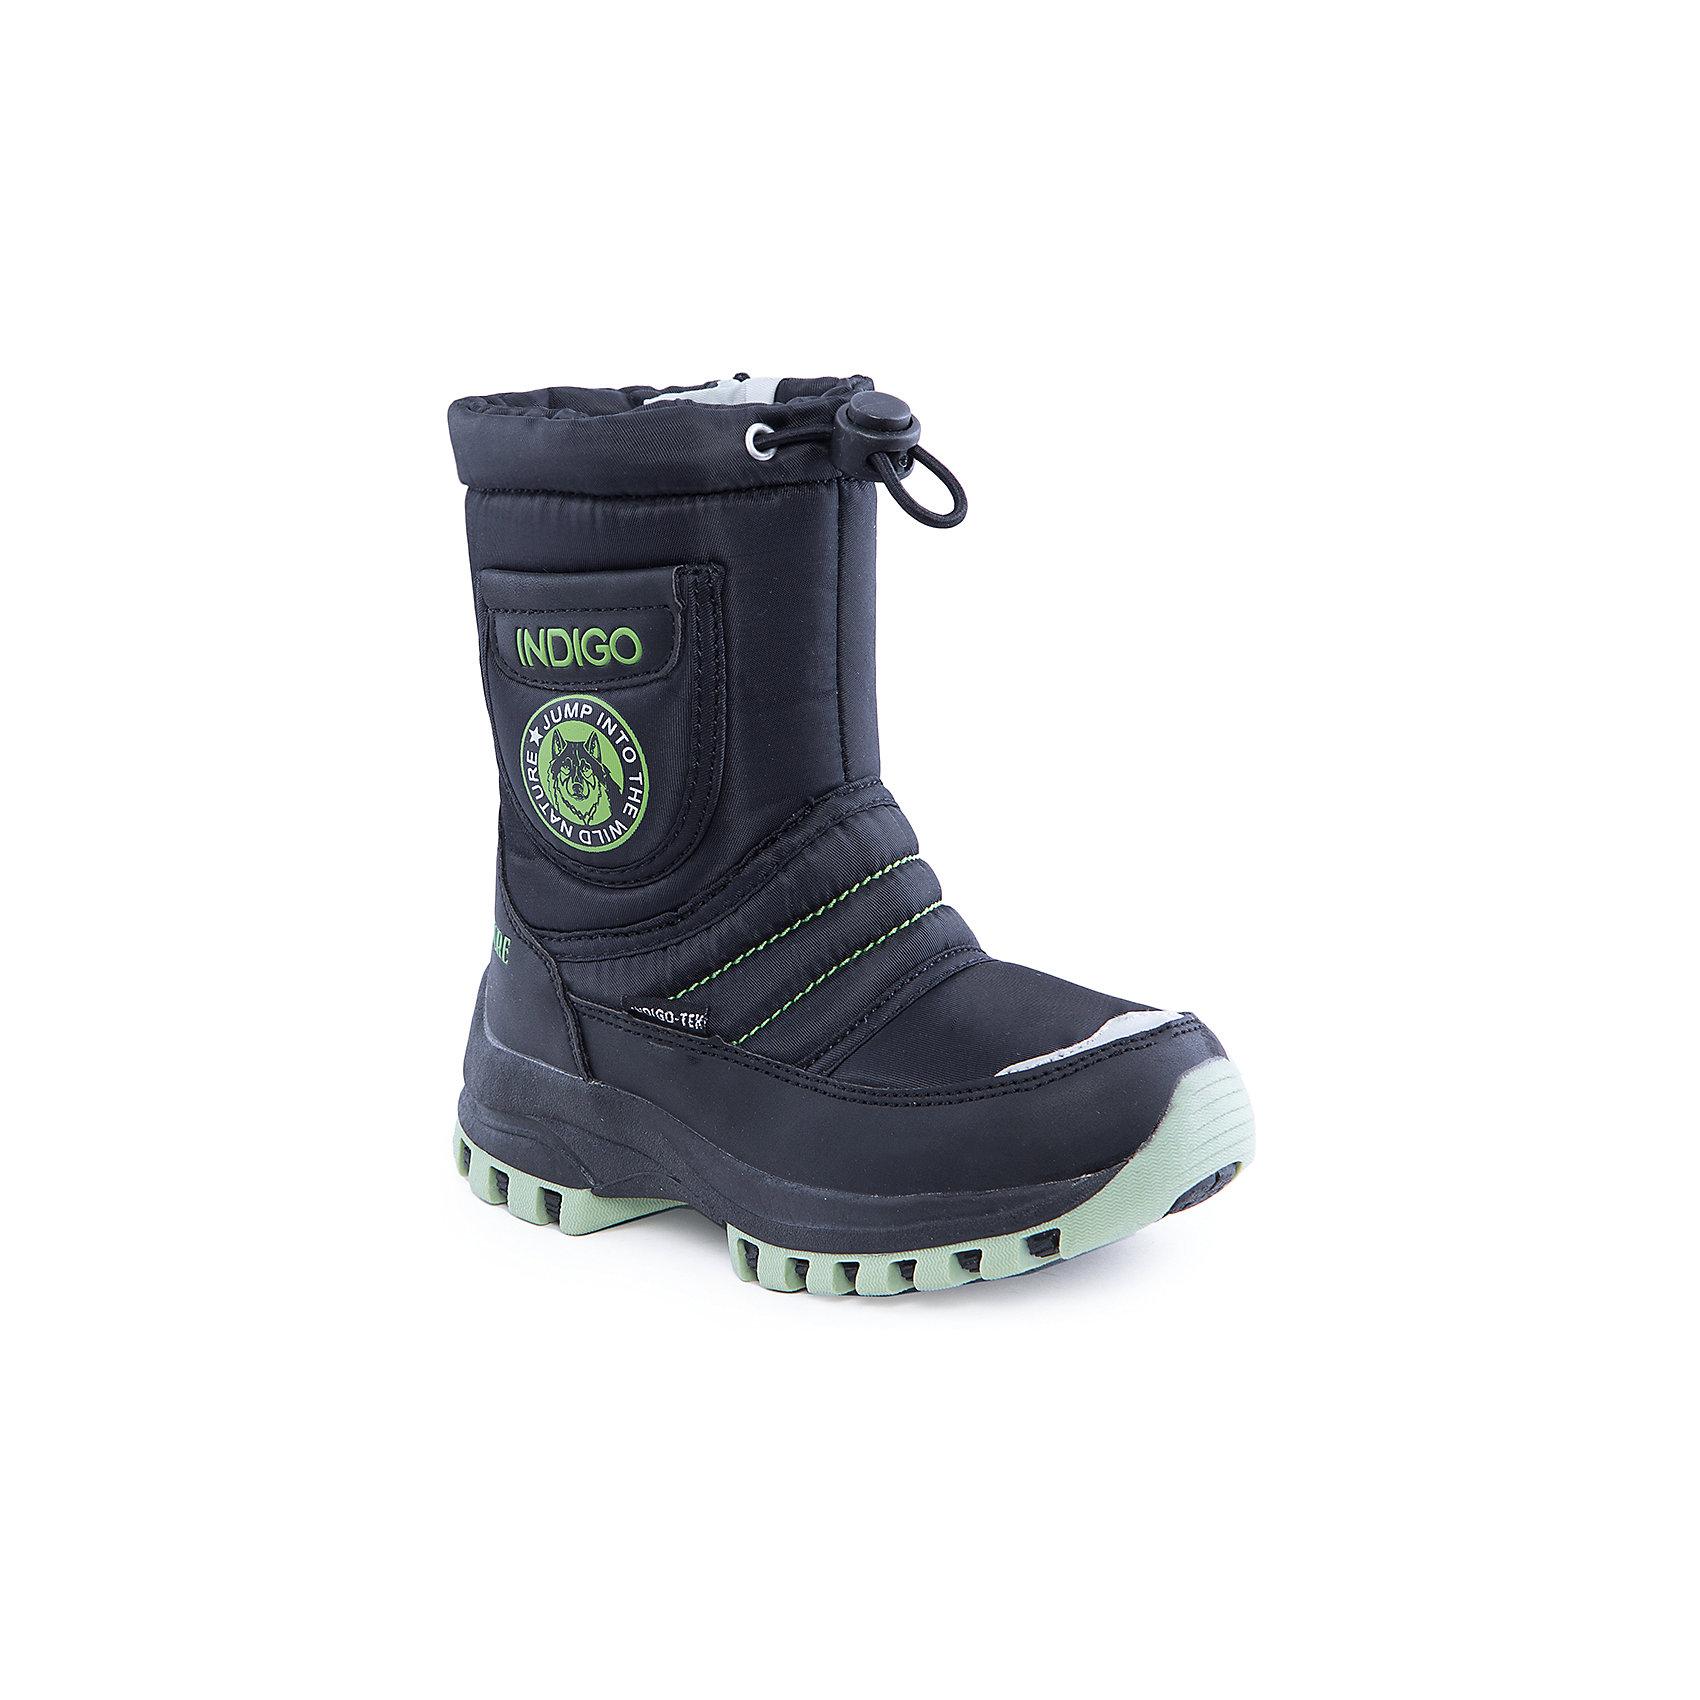 Сапоги для мальчика Indigo kidsСапоги<br>Сапоги для мальчика от известного  бренда Indigo kids<br><br>Стильные утепленные сапоги помогут защитить детские ножки от сырости и холода. Они легко надеваются, комфортно садятся по ноге. <br>Сапоги сделаны с применением технологии INDIGO TEX – это мембранный материал, выводящий влагу из обуви наружу, но не позволяющий сырости проникать внутрь.<br><br>Особенности модели:<br><br>- цвет - черный;<br>- стильный дизайн;<br>- защита пятки и пальцев;<br>- удобная колодка;<br>- подкладка шерстяная;<br>- вставка с изображением волка и надписью;<br>- наверху голенища - утяжка со стоппером;<br>- мембрана INDIGO TEX;<br>- устойчивая рифленая подошва;<br>- застежка - молния.<br><br>Дополнительная информация:<br><br>Температурный режим:<br>от -10° С до +5° С<br><br>Состав:<br><br>верх – текстиль/искусственная кожа;<br>подкладка - шерсть;<br>подошва - полимер.<br><br>Сапоги для мальчика Indigo kids (Индиго Кидс) можно купить в нашем магазине.<br><br>Ширина мм: 257<br>Глубина мм: 180<br>Высота мм: 130<br>Вес г: 420<br>Цвет: черный<br>Возраст от месяцев: 48<br>Возраст до месяцев: 60<br>Пол: Мужской<br>Возраст: Детский<br>Размер: 28,26,30,29,31,27<br>SKU: 4340524